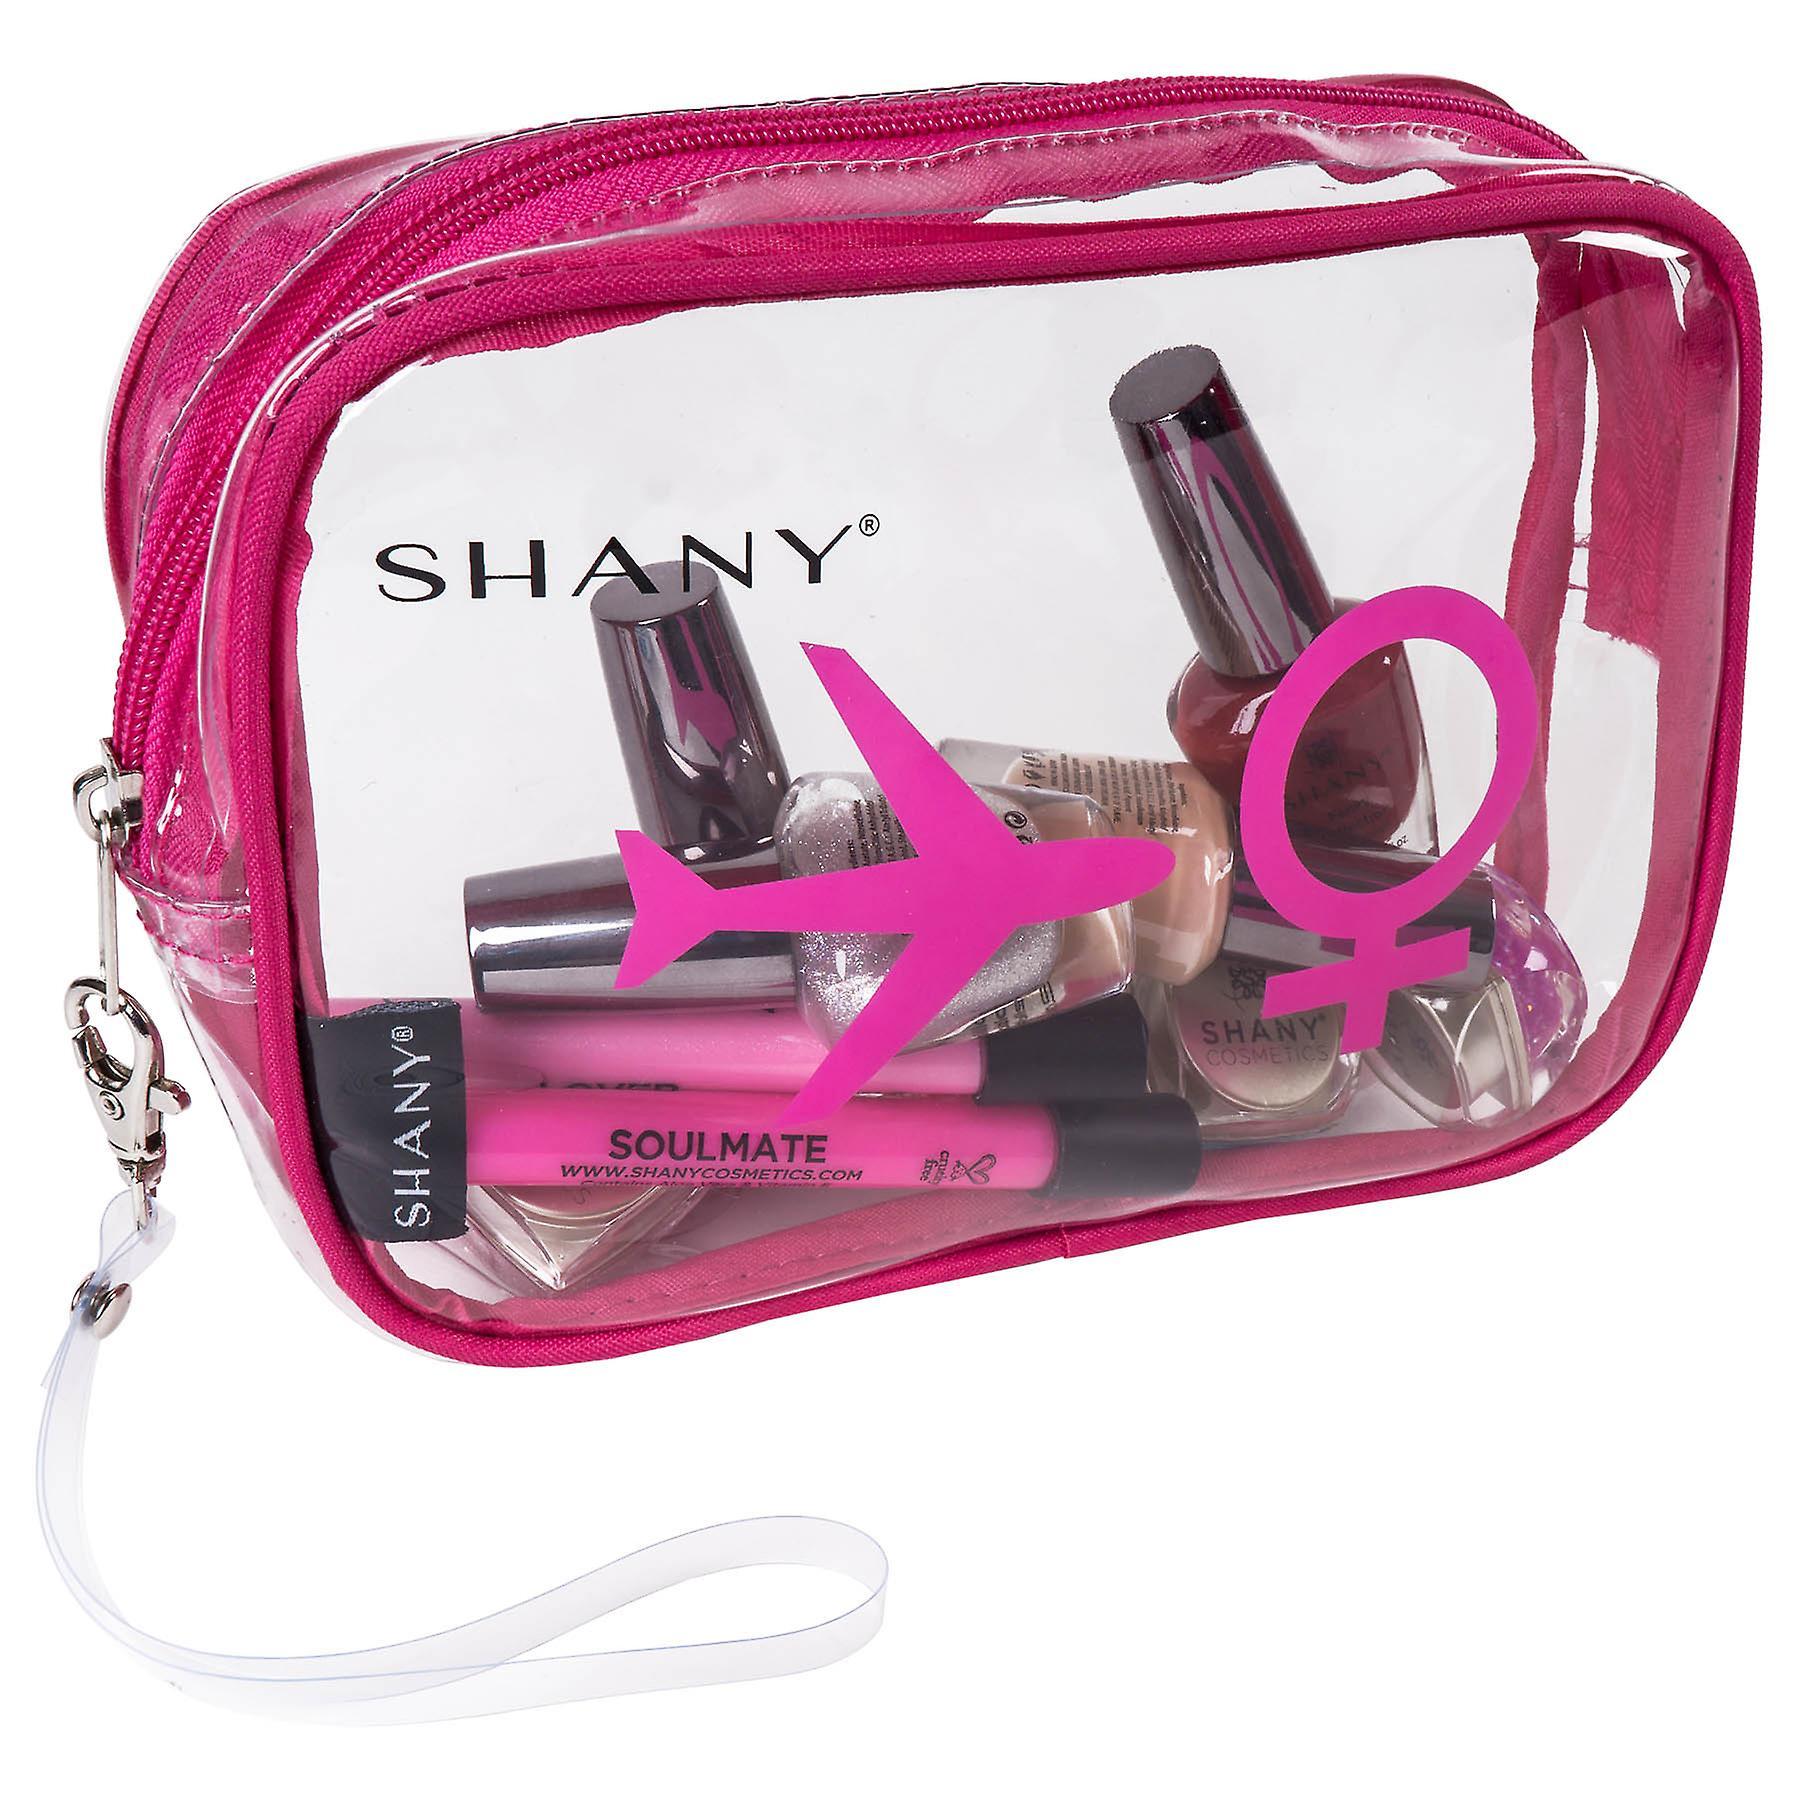 SHANY Son - Hers TSA Approved Airline Friendly Clear Carry-on Toiletry Travel Bags - Organisateur personnel - Résistant à l'eau - Ensemble de 2 Pour les couples